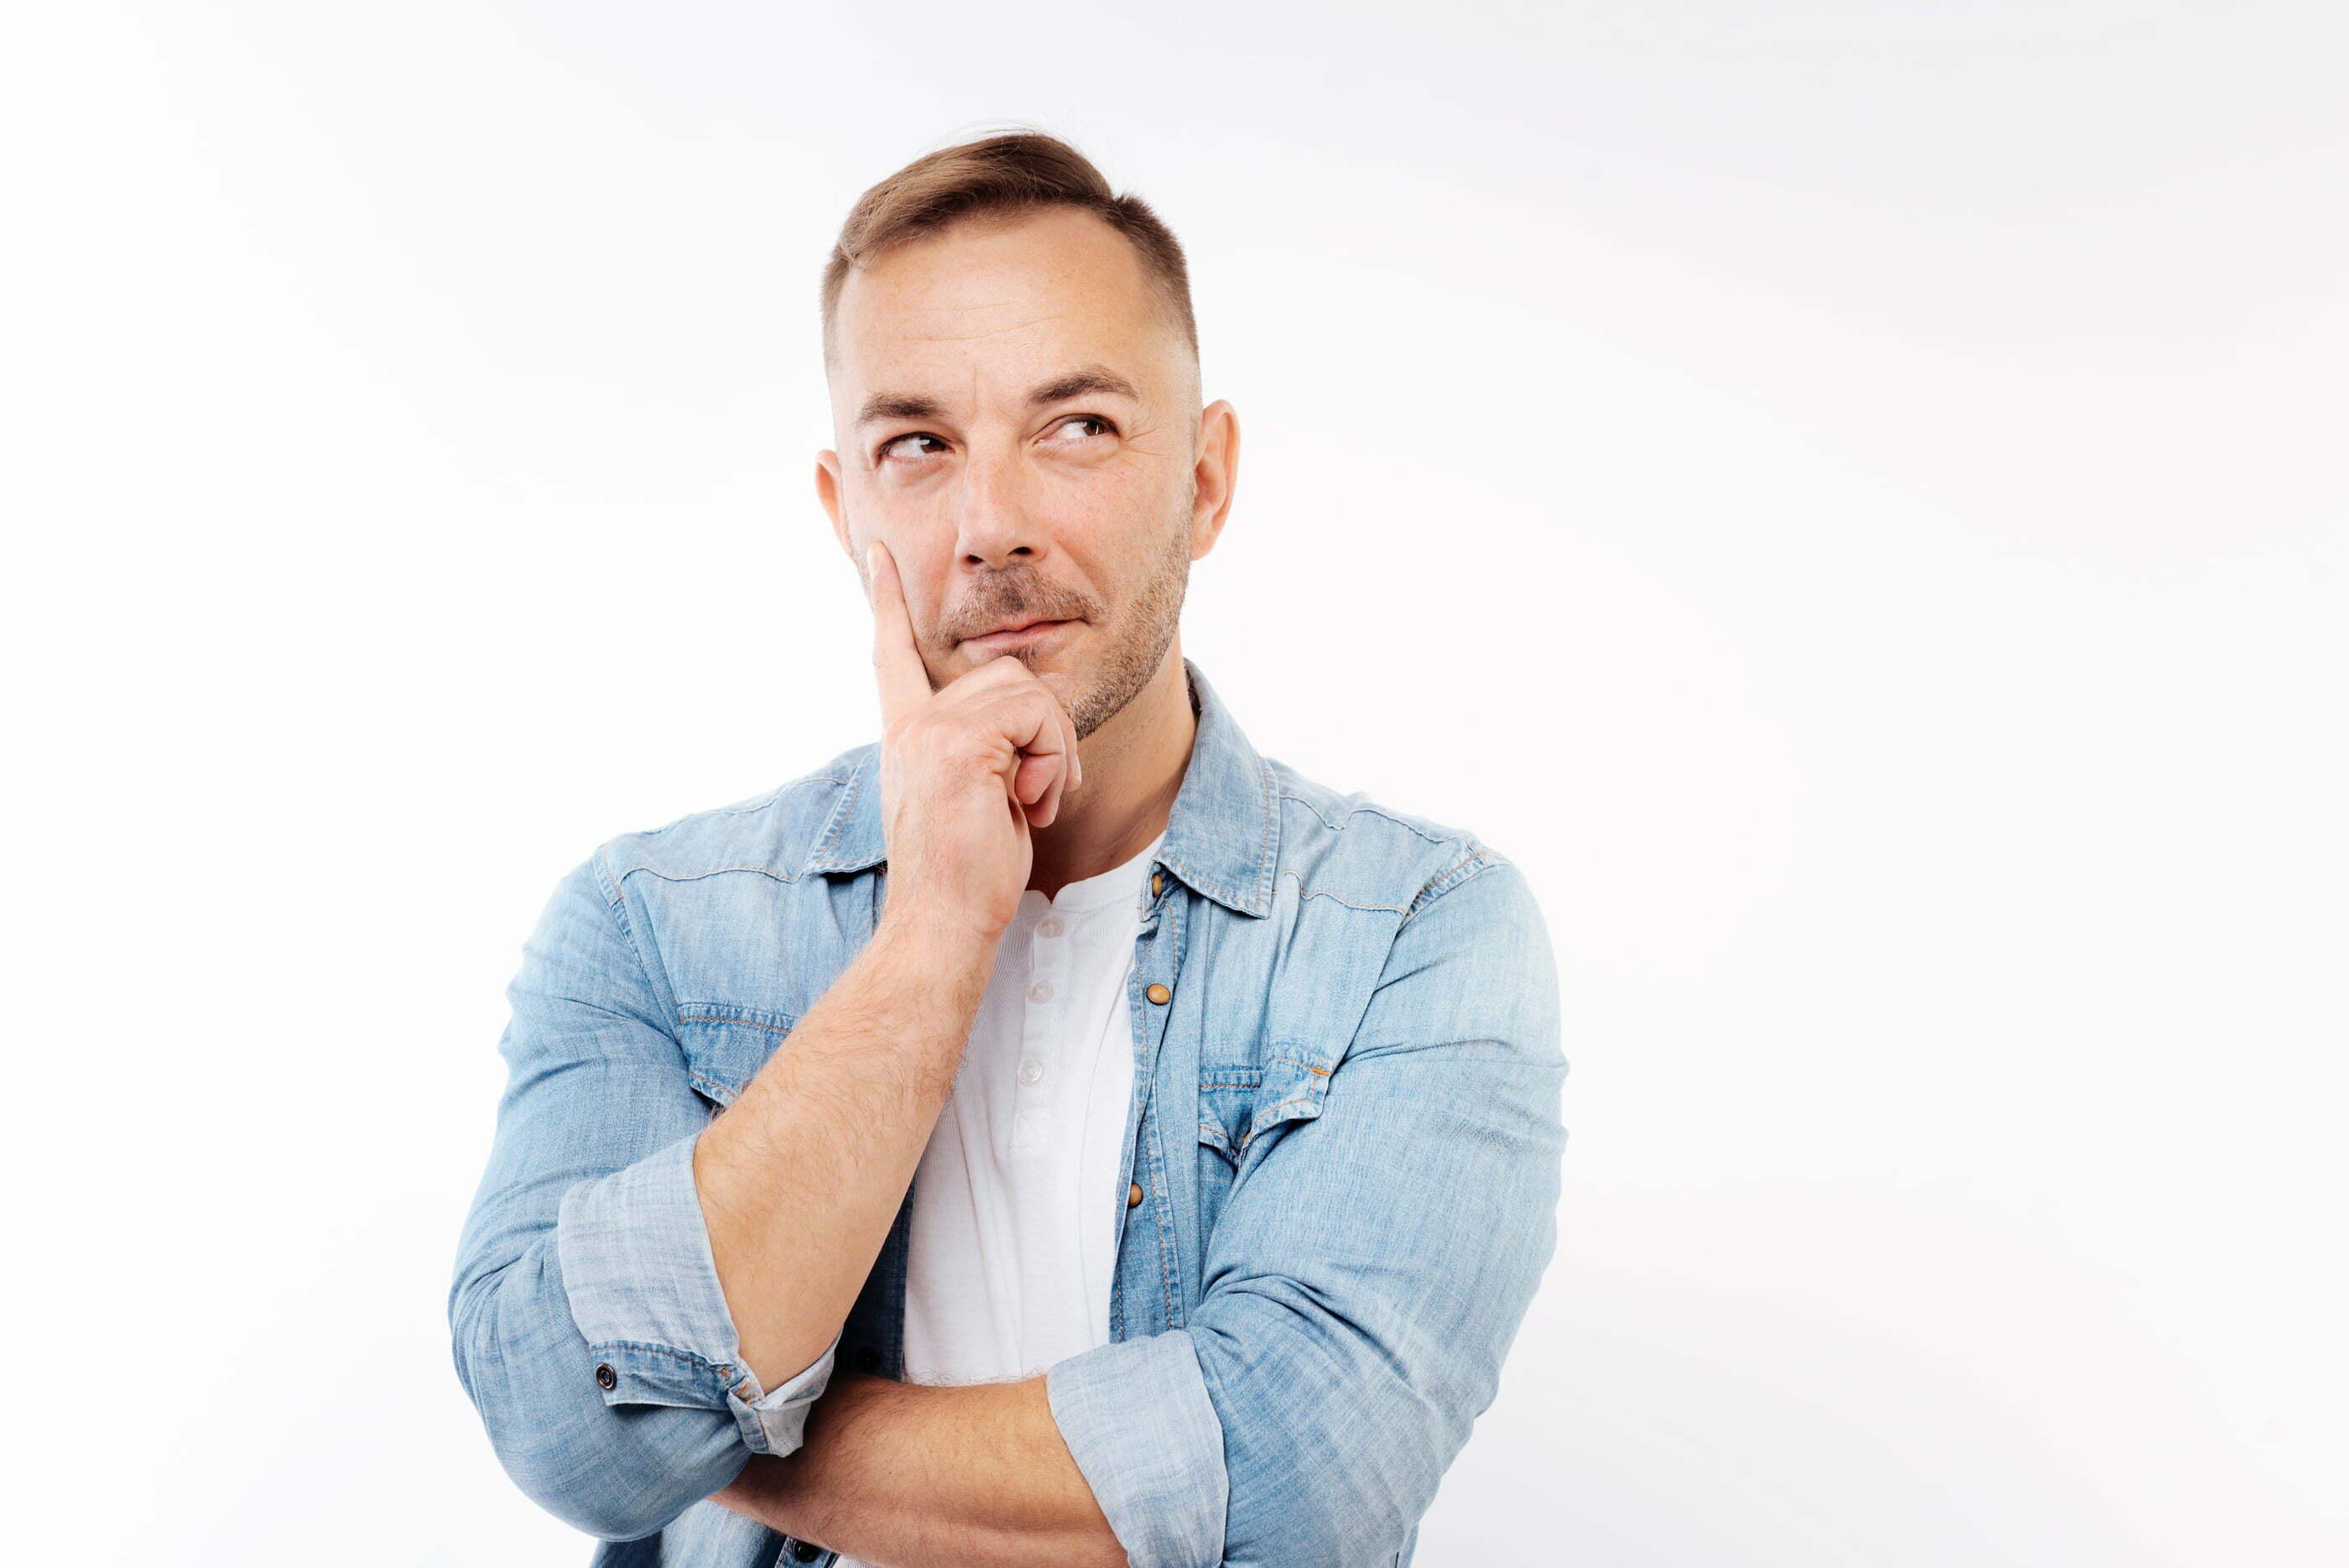 Fogfehérítés: szemfényvesztés vagy hatékony kozmetikai kezelés?